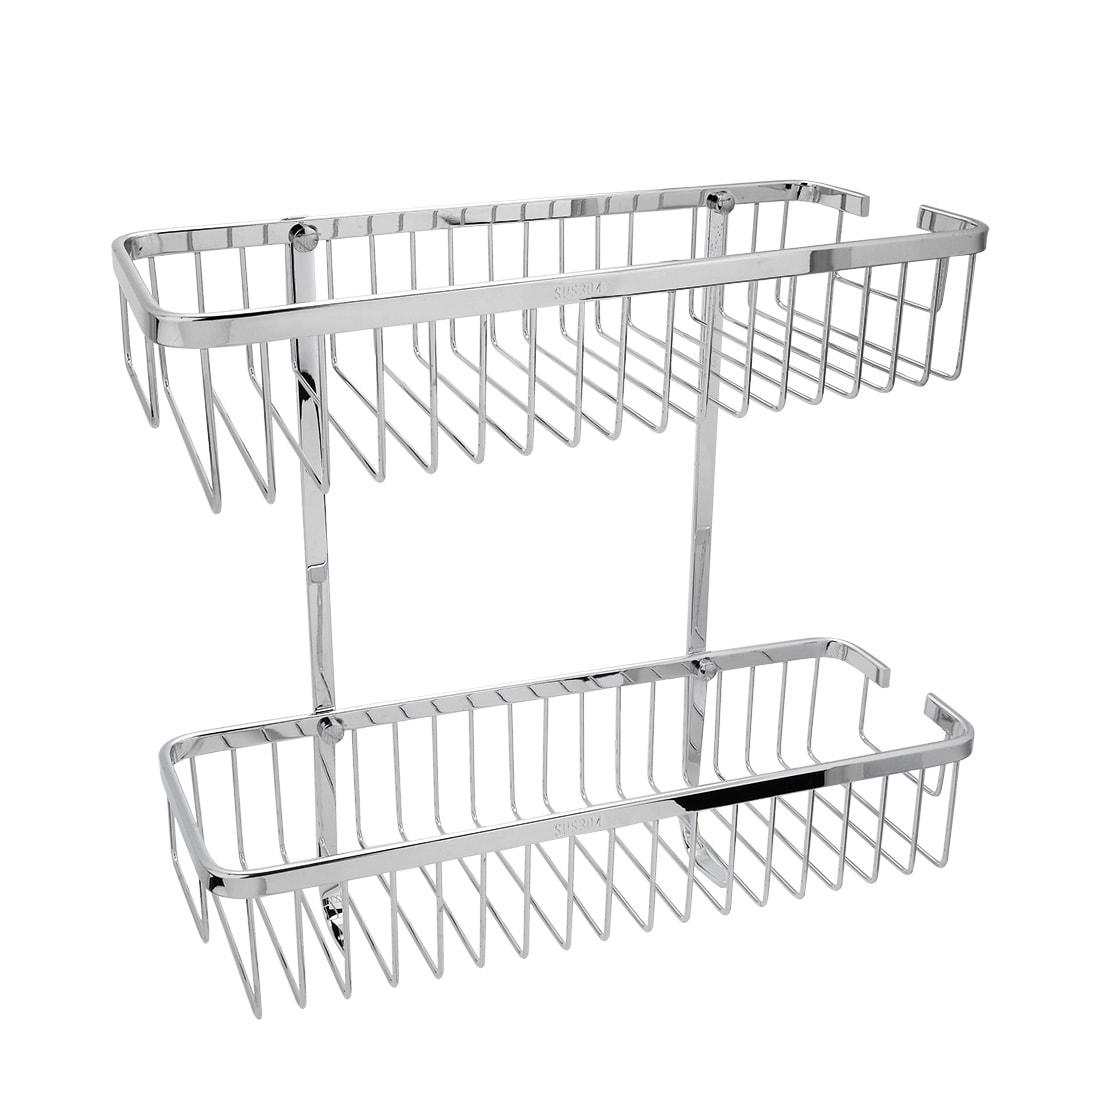 Bathroom Shower Basket Storage Stainless Steel 2-Tier Organizer ...